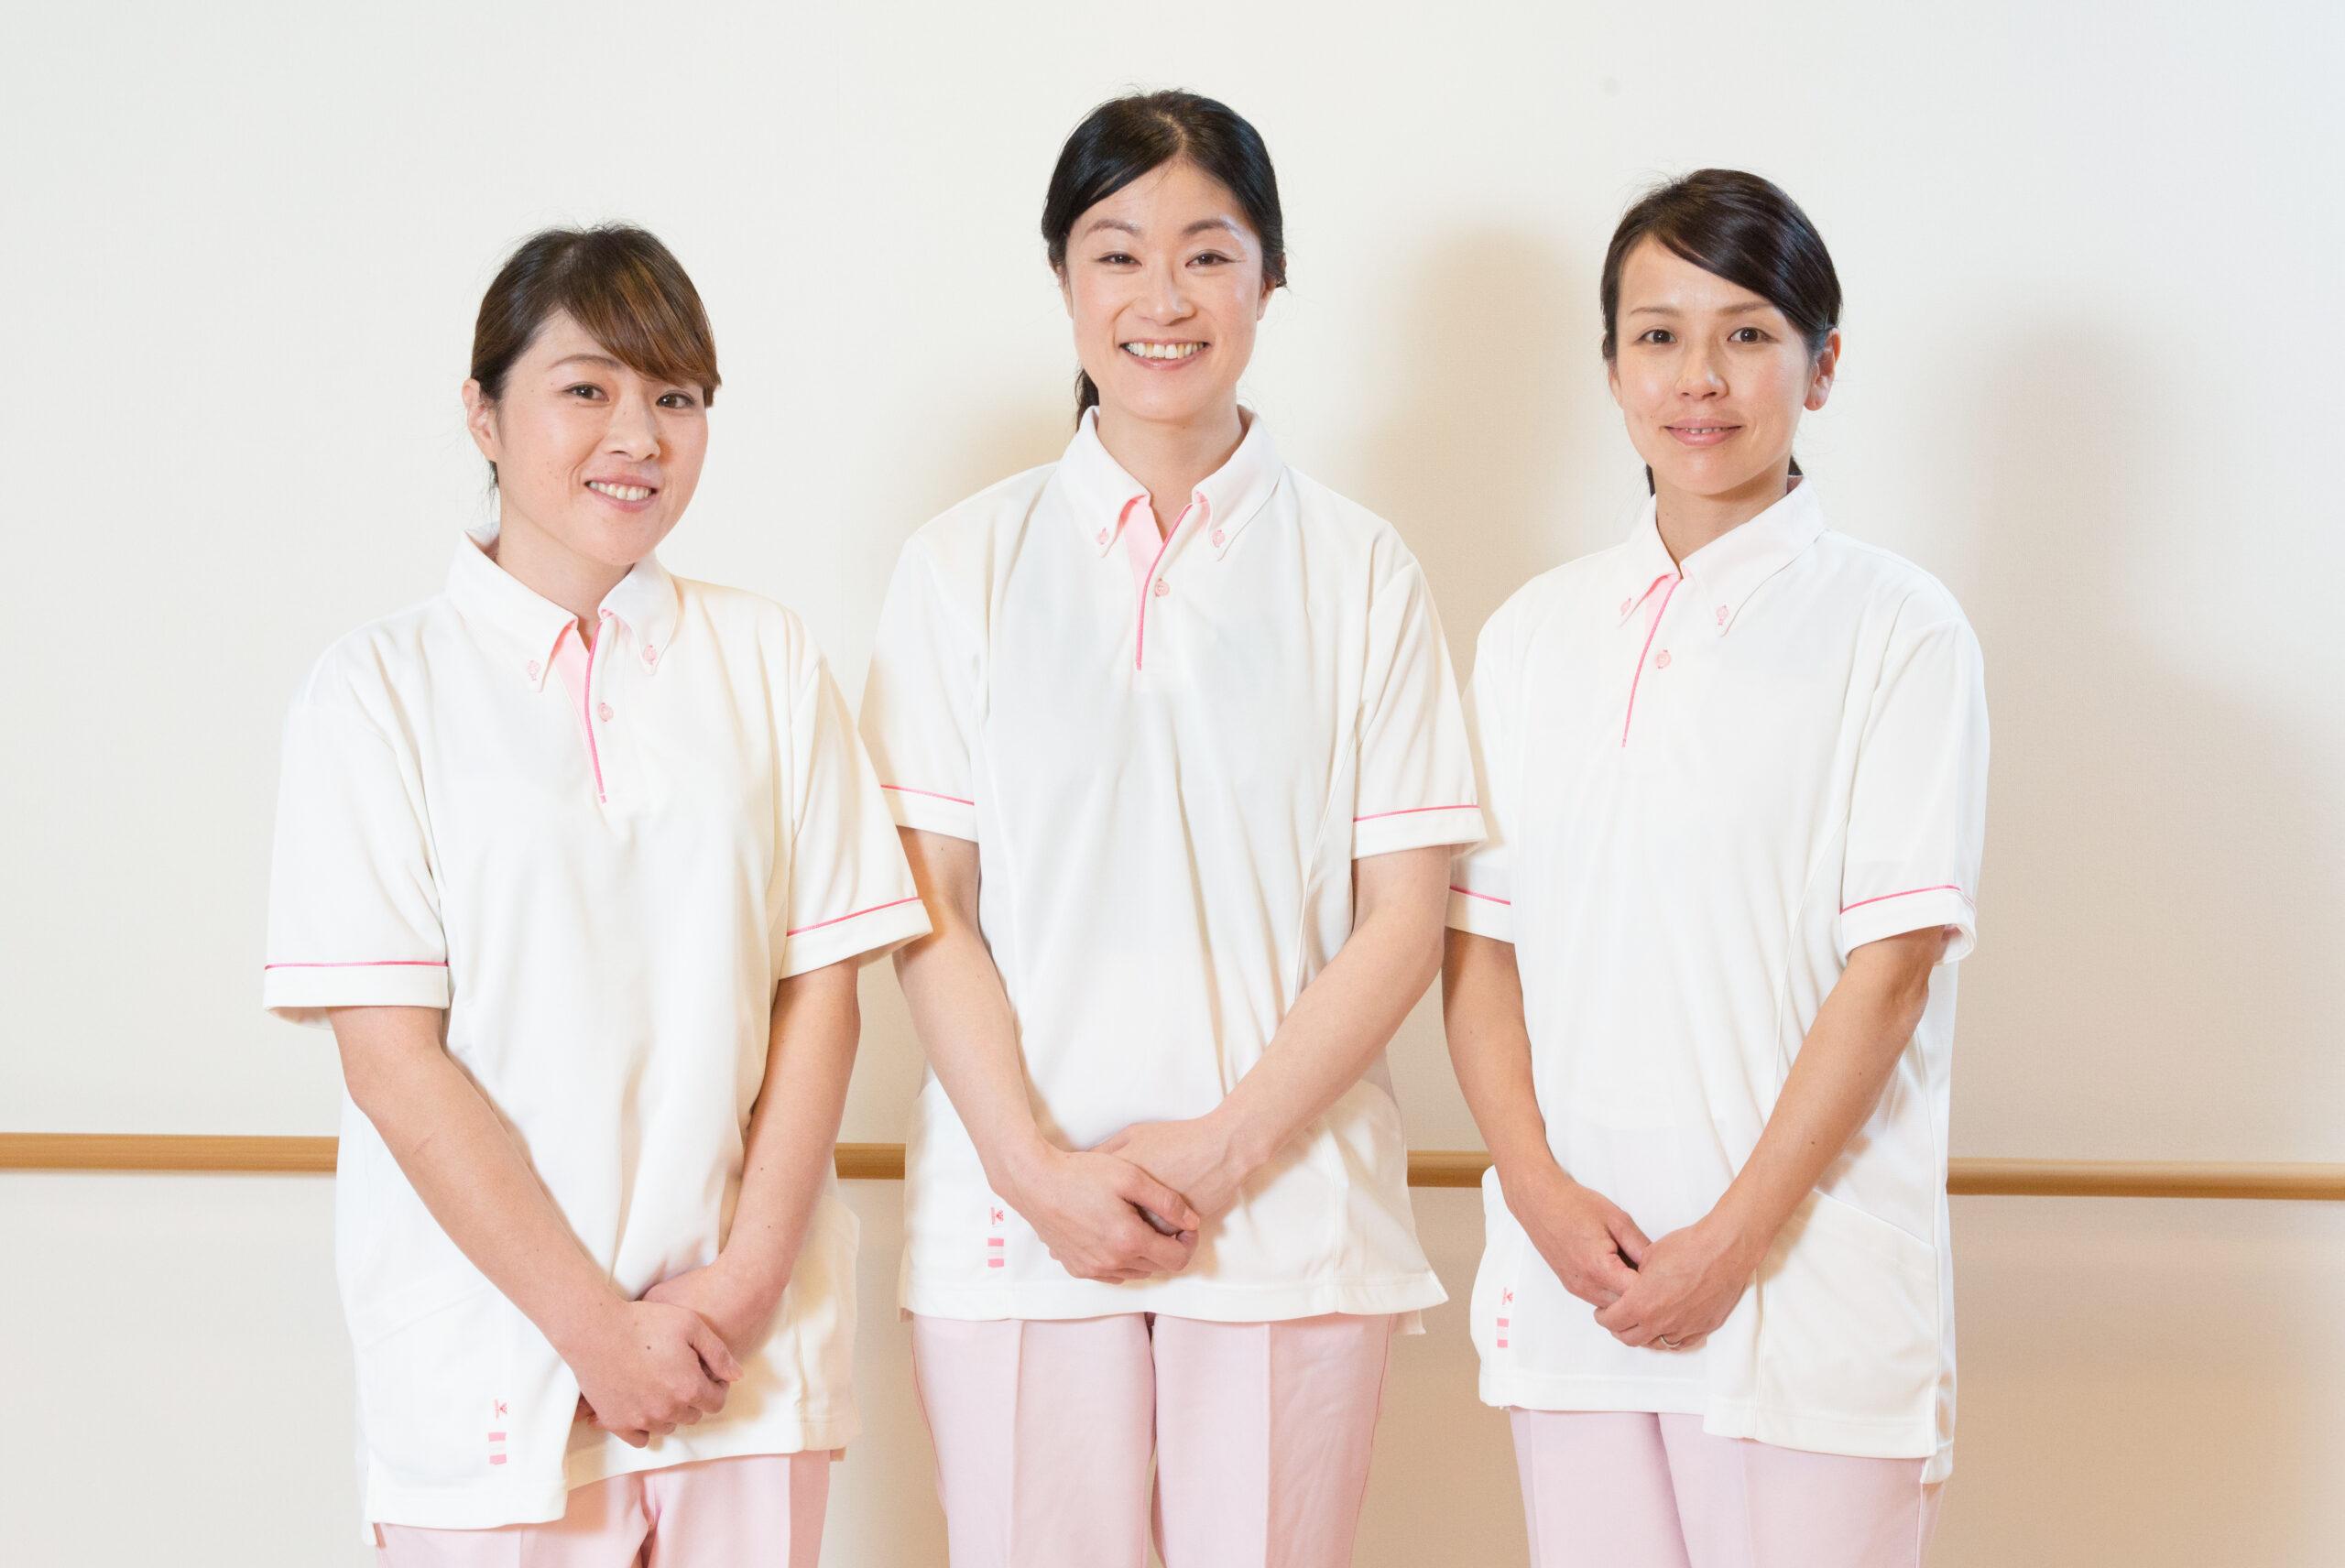 医療事務◆年収350万円~キャリアアップを目指す!